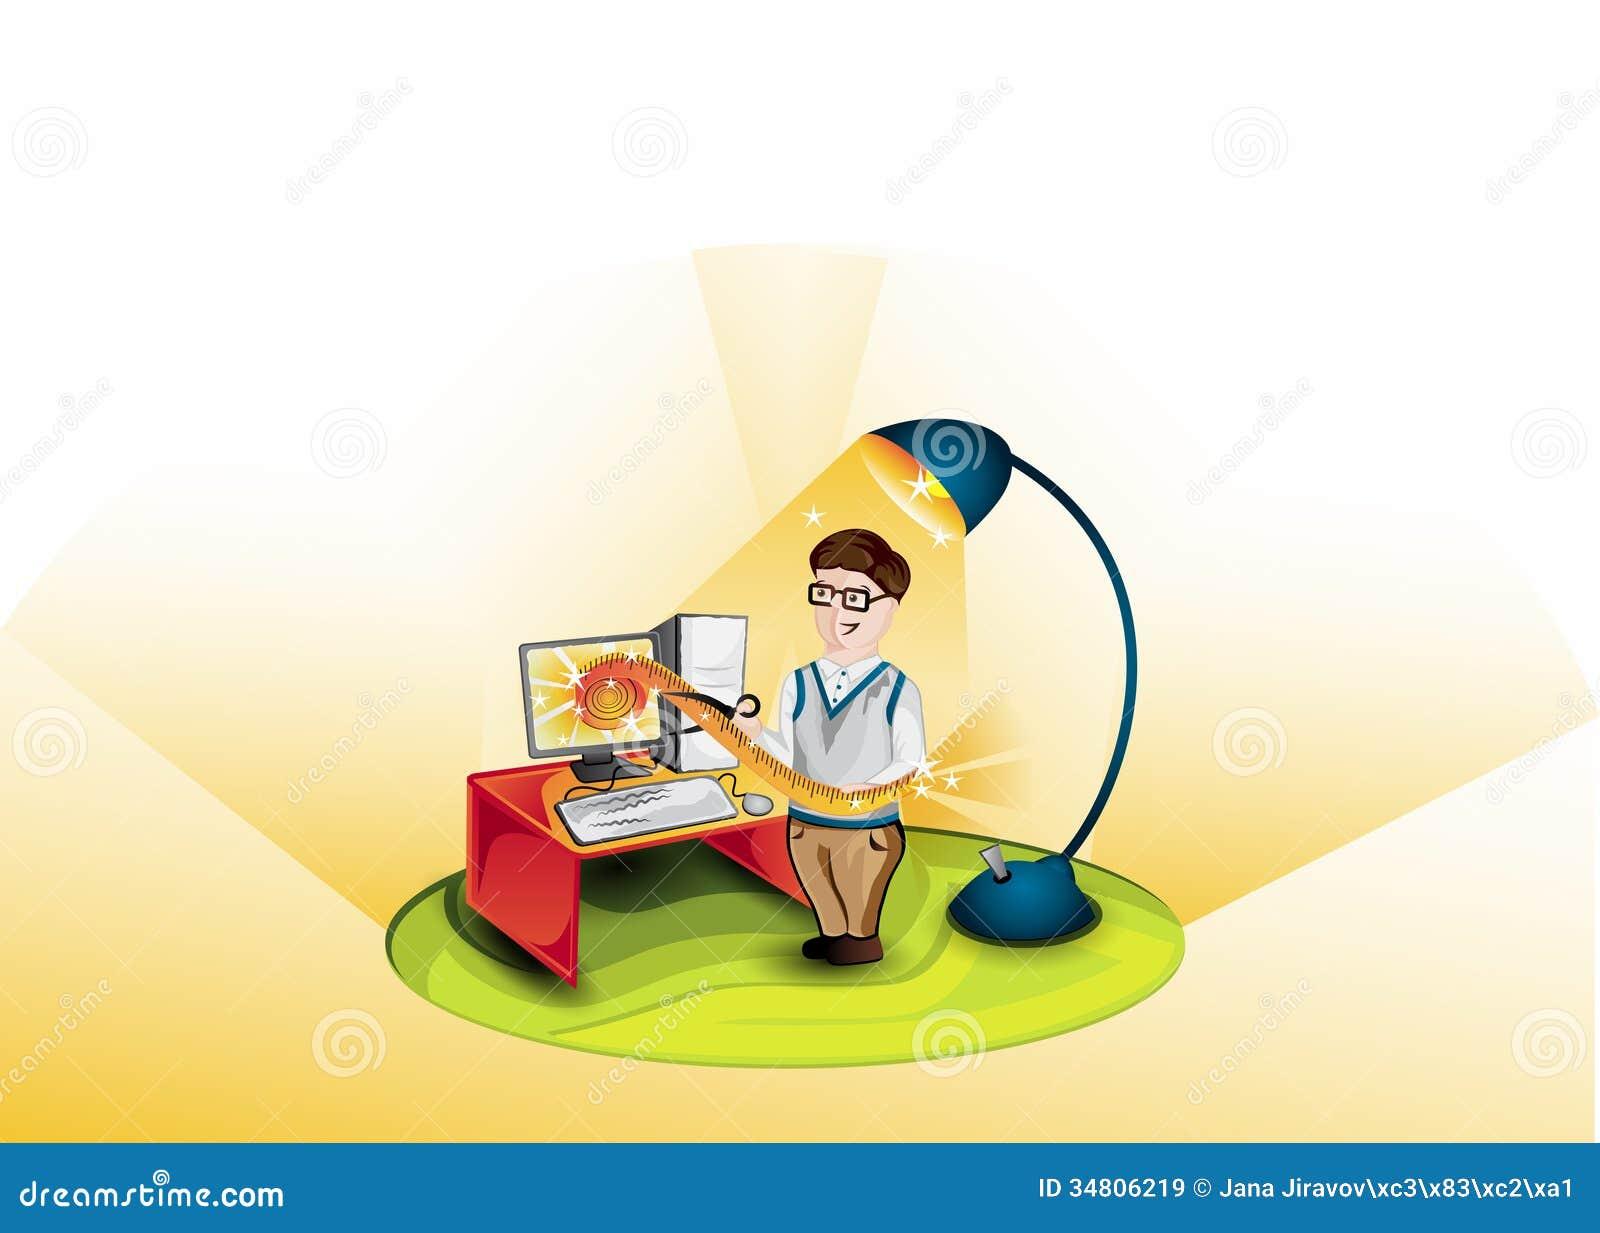 Cartoon Programmer Illustration Stock Illustration Illustration Of